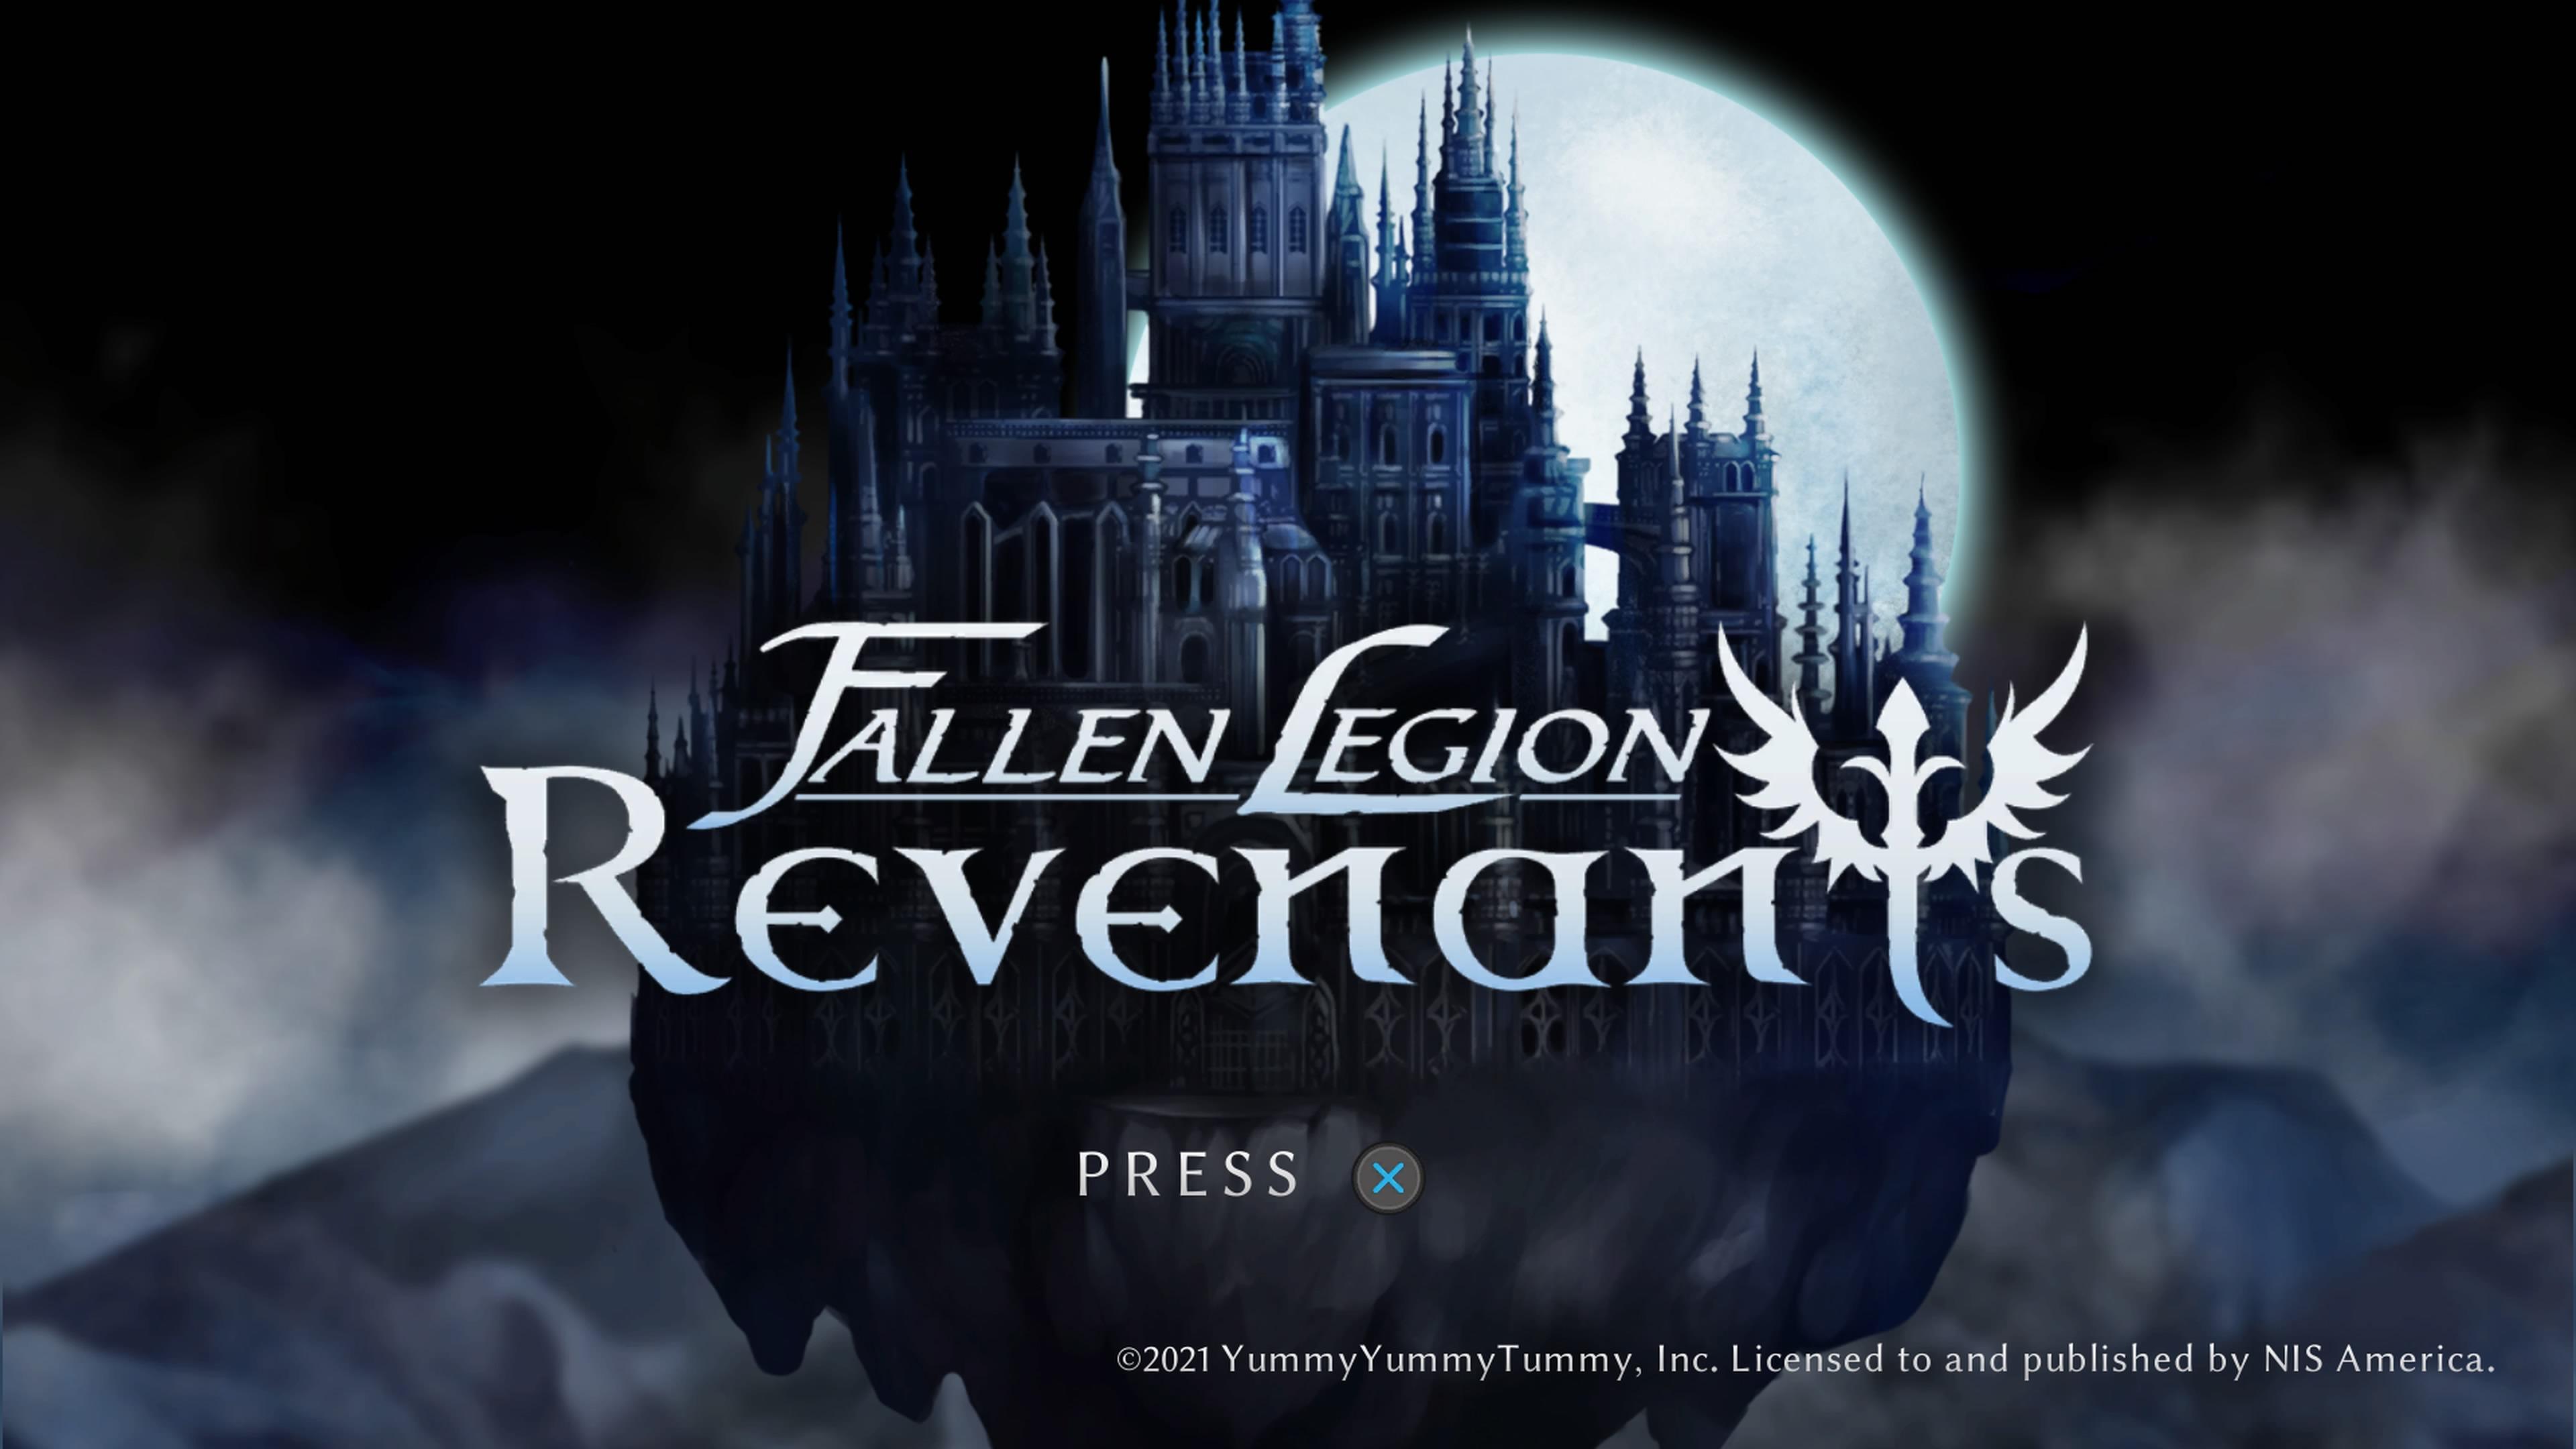 Fallen Legion Revenants_20210219155510